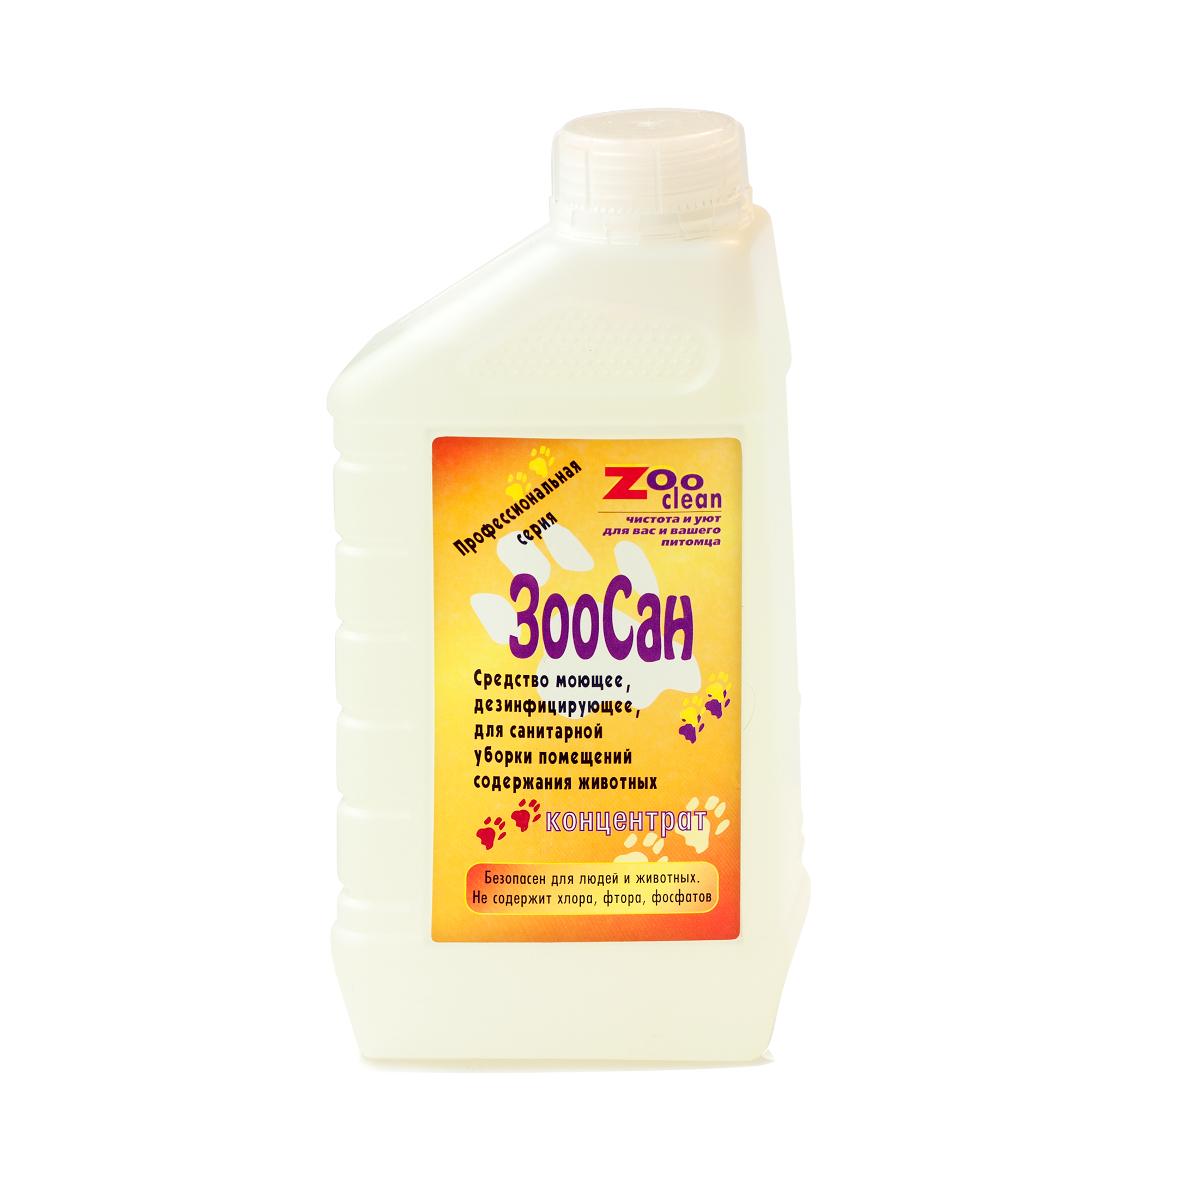 Уничтожитель запаха моющий Zoo Clean ЗооСан, 1 лHS. 120011Zoo Clean ЗооСан - это высококонцентрированное моющее, дезинфицирующее средство санитарной уборки помещений содержания животных. Разводится в 50-100 раз Отмывает и уничтожает запахи на поверхностях (пол, вольеры, клетки, переноски, лотки, миски, щетки, ножницы, игрушки и т. д. ) Снимает территориальные метки животных Дезинфицирующие свойства (5% концентрация) Уничтожает (5% концентрация): Salmonella Enteritidis, E. coli, St. aureus, Proteus vulgaris, Bac. subtilisОсобенности: Не содержит:— Хлора.— Фтора.— Фосфатов.Безопасен для людей и животных.Рекомендовано и апробировано Российскими питомниками.Возможна обработка в присутствии животных. Область применения: Помещения содержания животных (квартиры, питомники, клетки) Ветеринарные клиники Зоогостиницы ВыставкиМеры предосторожности: Беречь от детей При попадании концентрата на кожу, в глаза и на слизистую оболочку промыть водой. Состав: Анионгенные ПАВы, специальные добавки, биопаг, катамин АБ, пищевая отдушка.